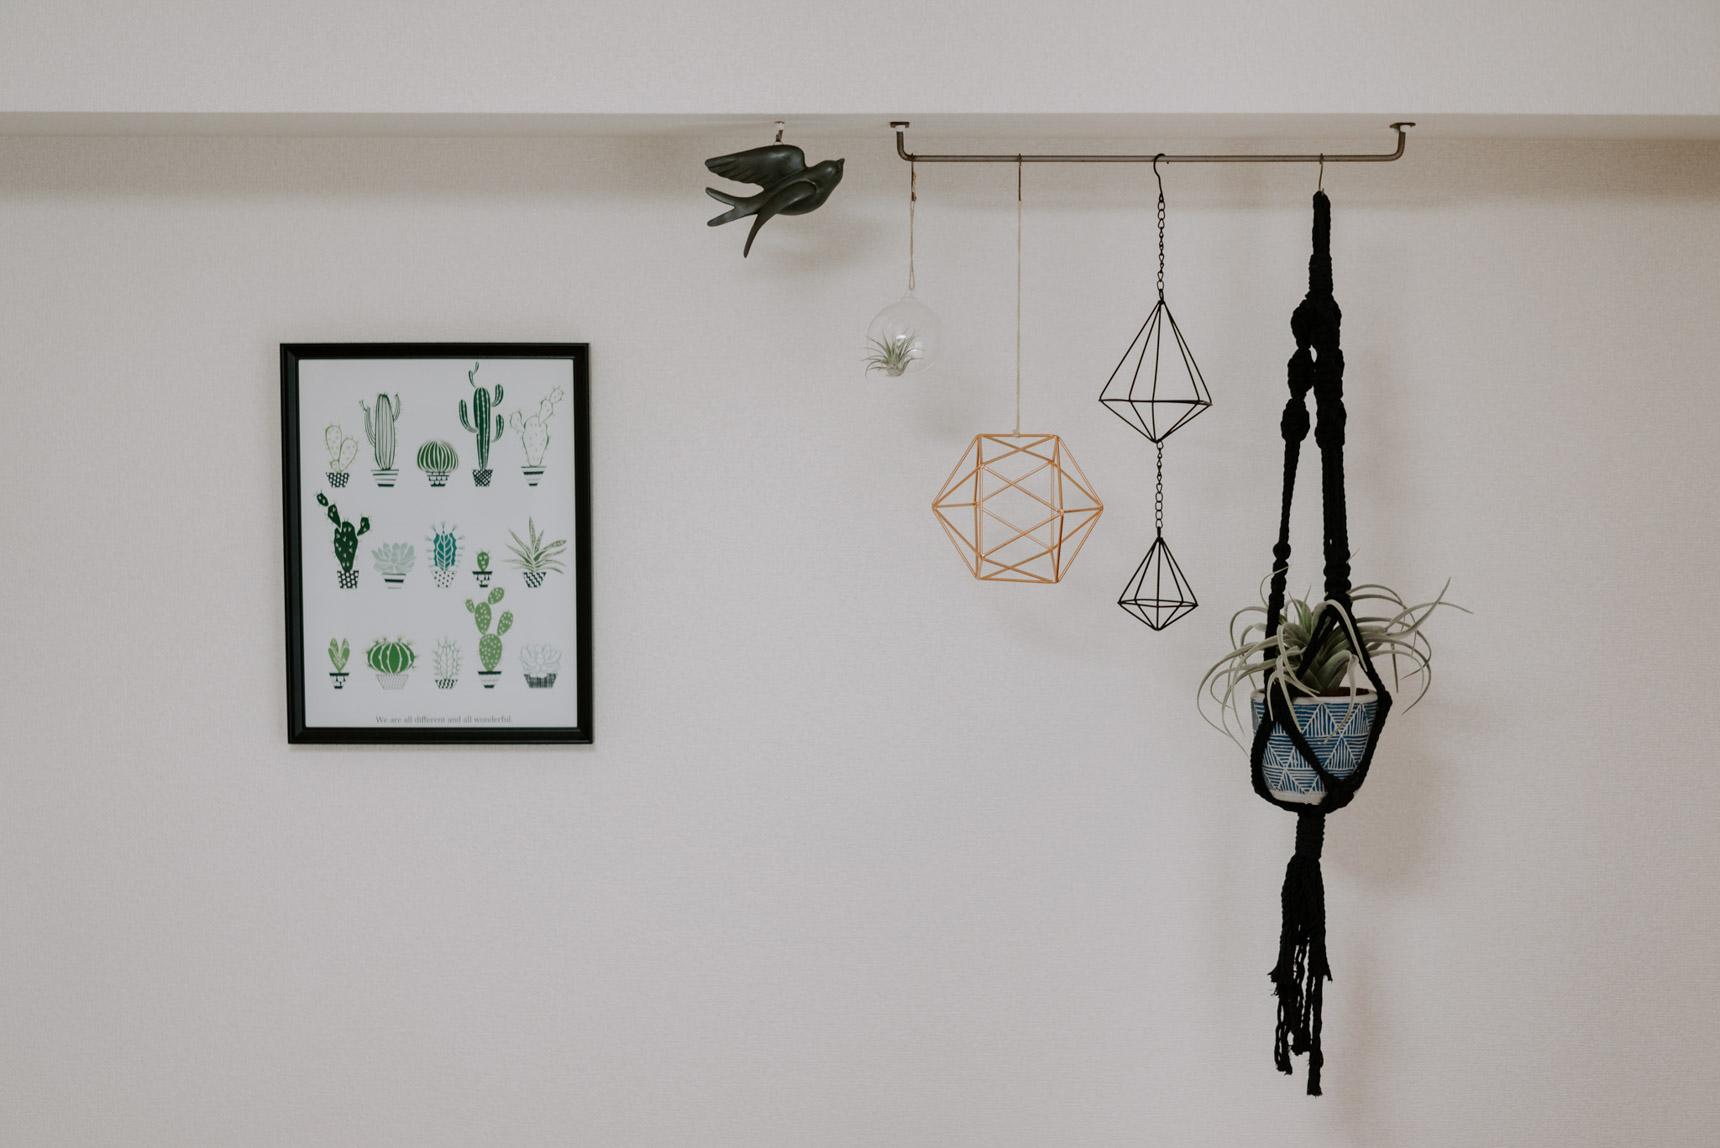 壁を楽しく飾っている小物も、ところどころ黒のものを混ぜて大人っぽく。